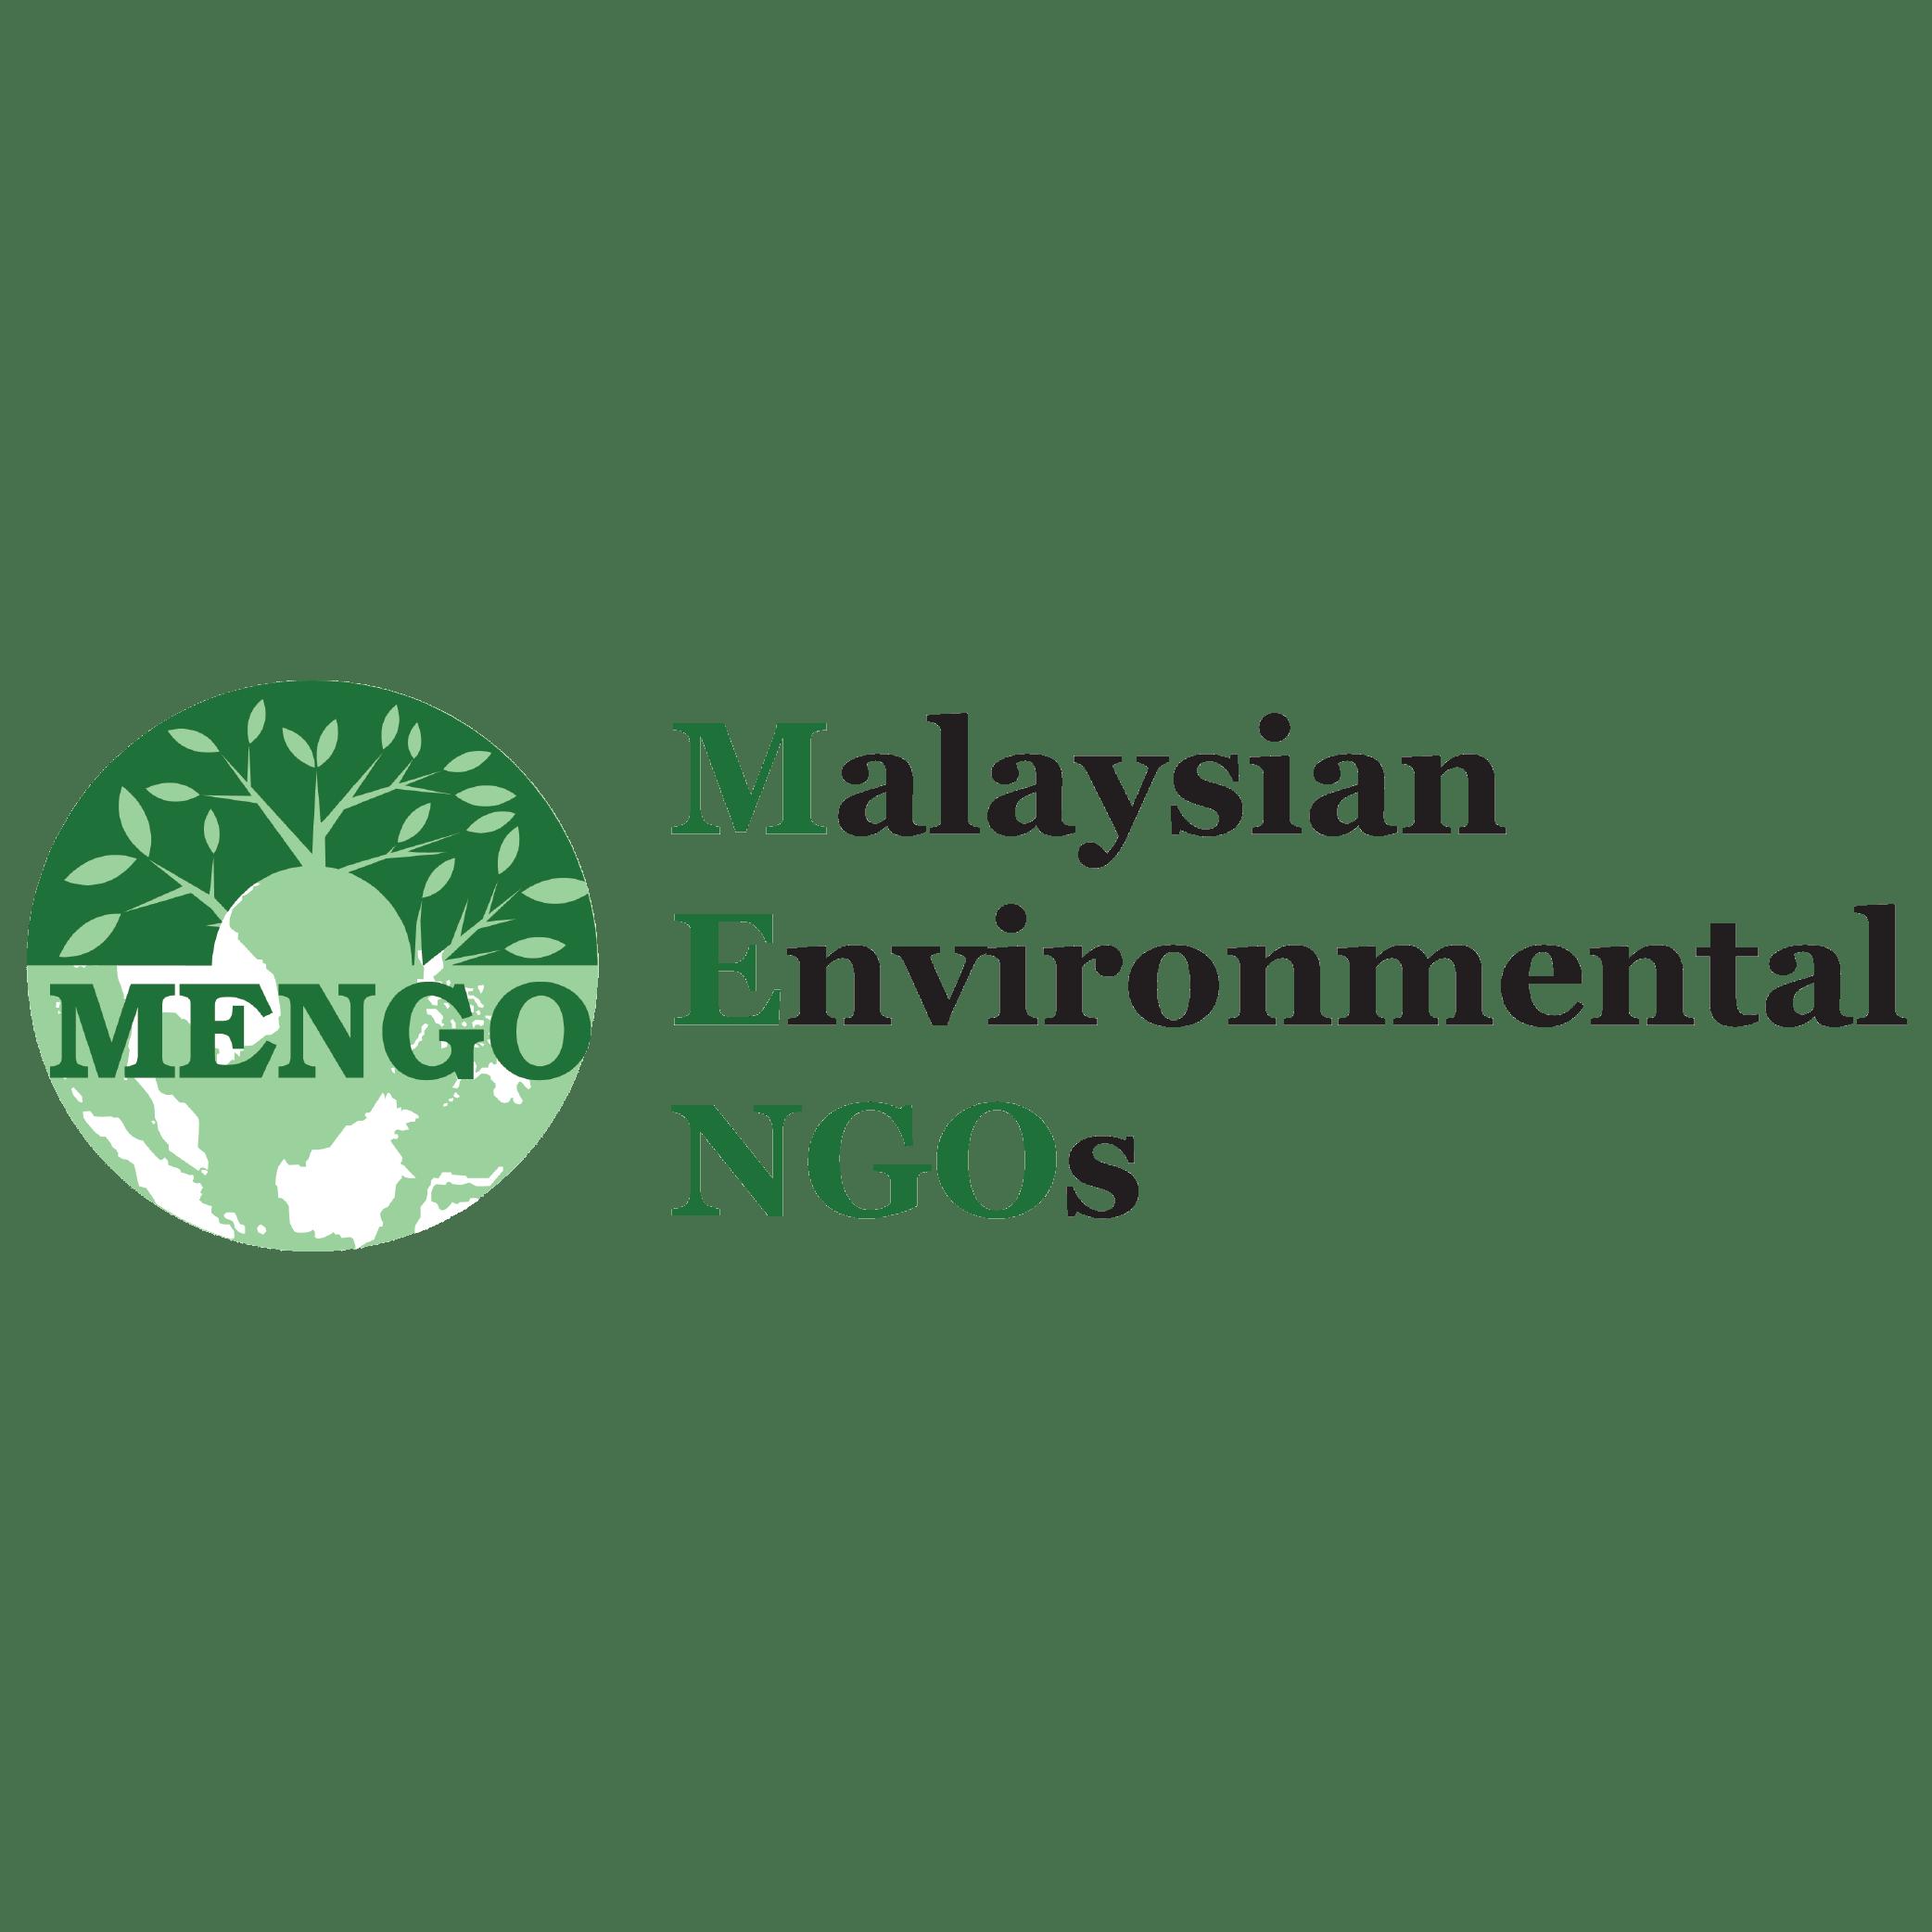 200219_ logo for website_MENGO